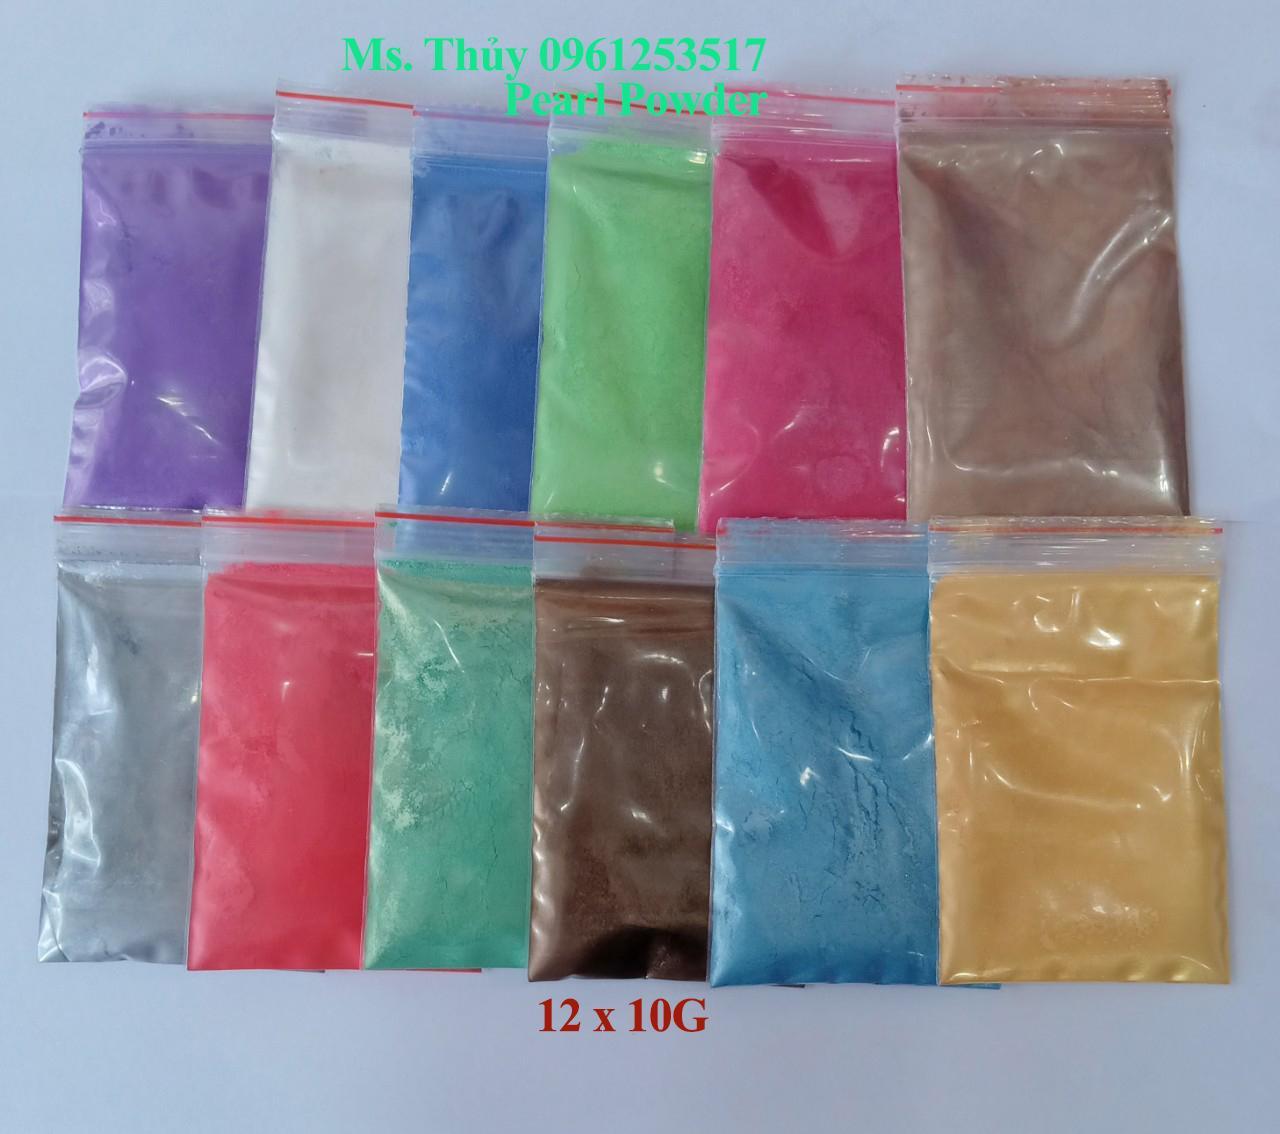 Mua Bộ 12 Bột Màu Nhũ Làm SLIME, Epoxy Resin, Sơn Móng Tay, In ấn Thiệp, Quảng Cáo,...